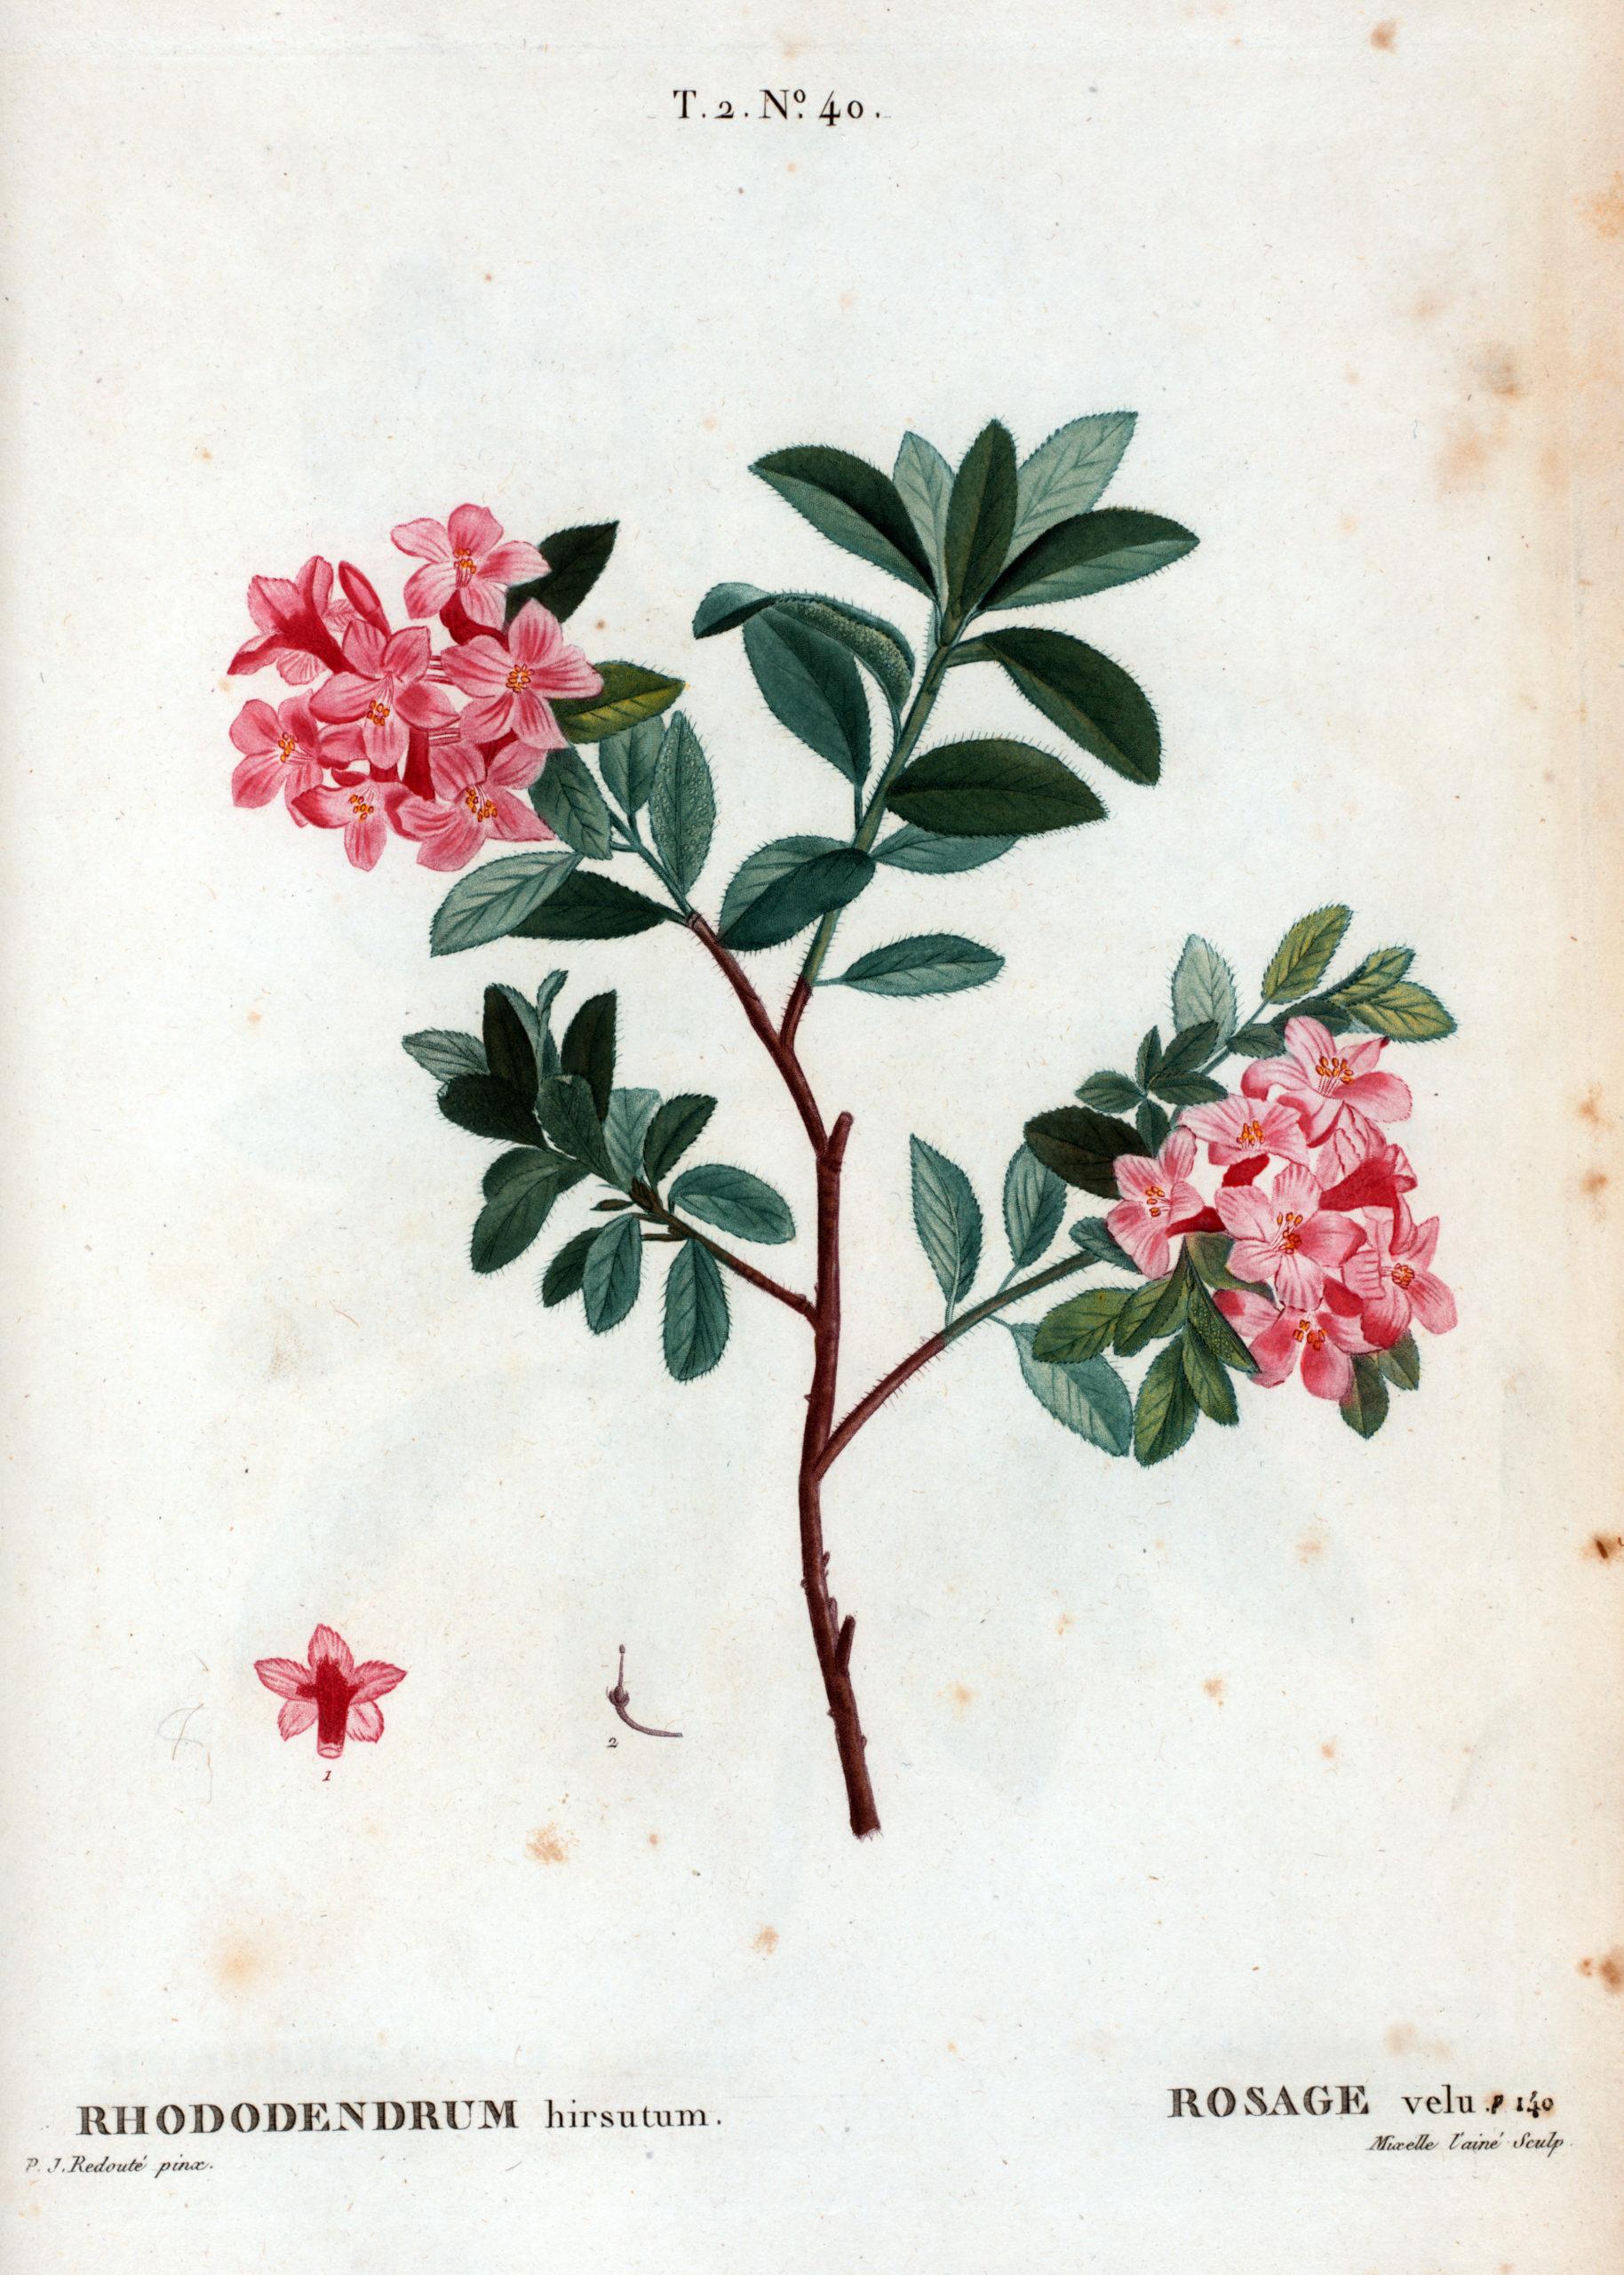 Vintage Botanical Prints - 55 in a series -  Rhododendrum hirsutum = Rosage velu. (1801) from Traité des arbres et arbustes que l'on cultive en France en pleine terre